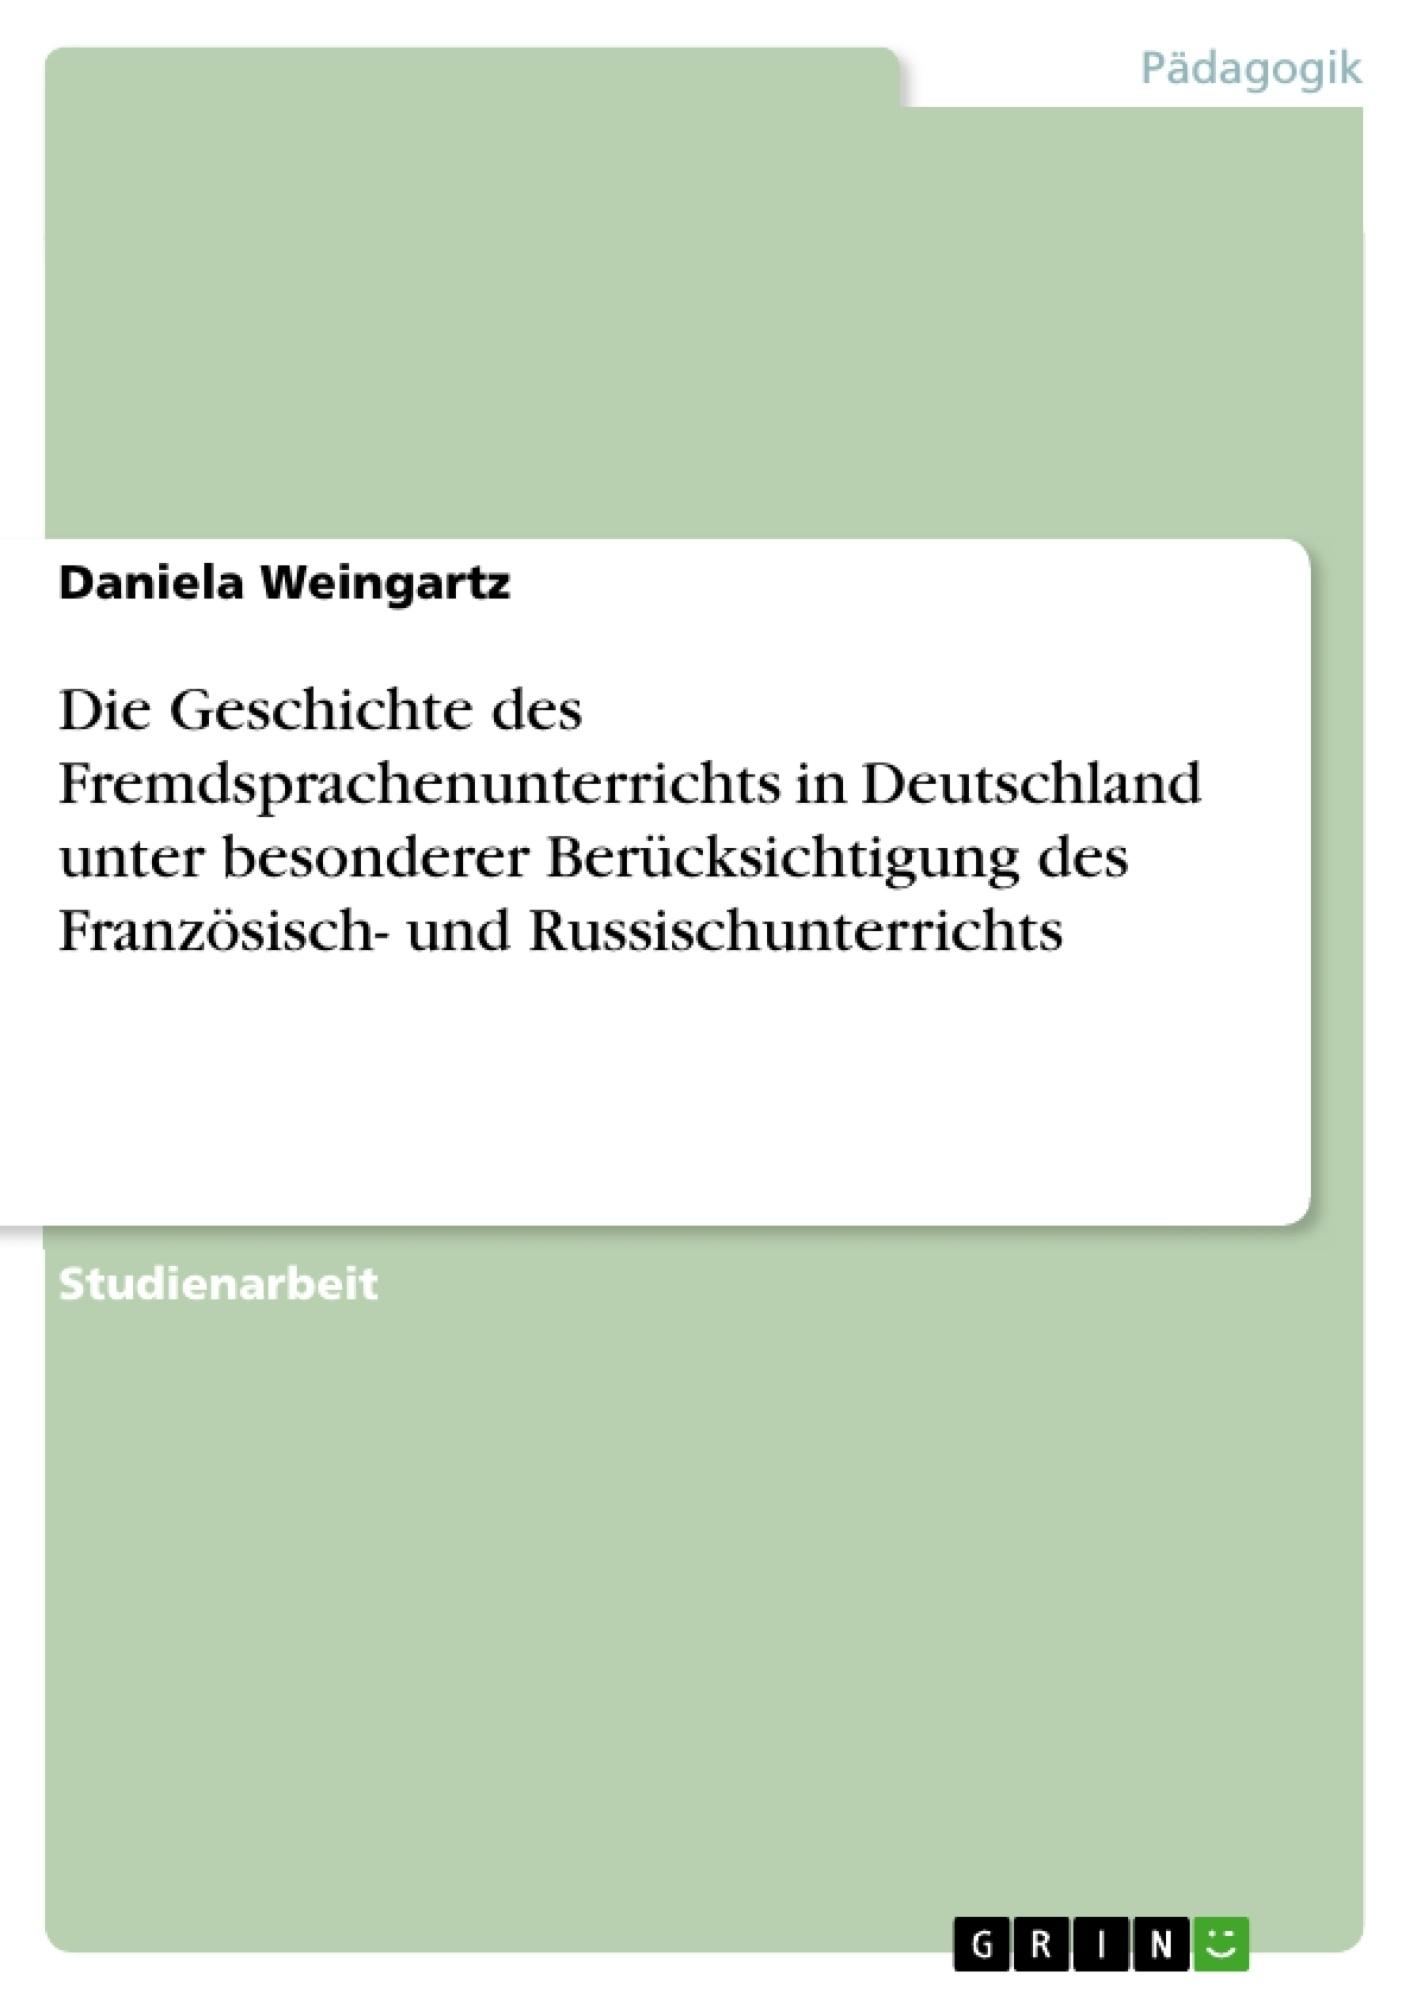 Titel: Die Geschichte des Fremdsprachenunterrichts in Deutschland unter besonderer Berücksichtigung des Französisch- und Russischunterrichts